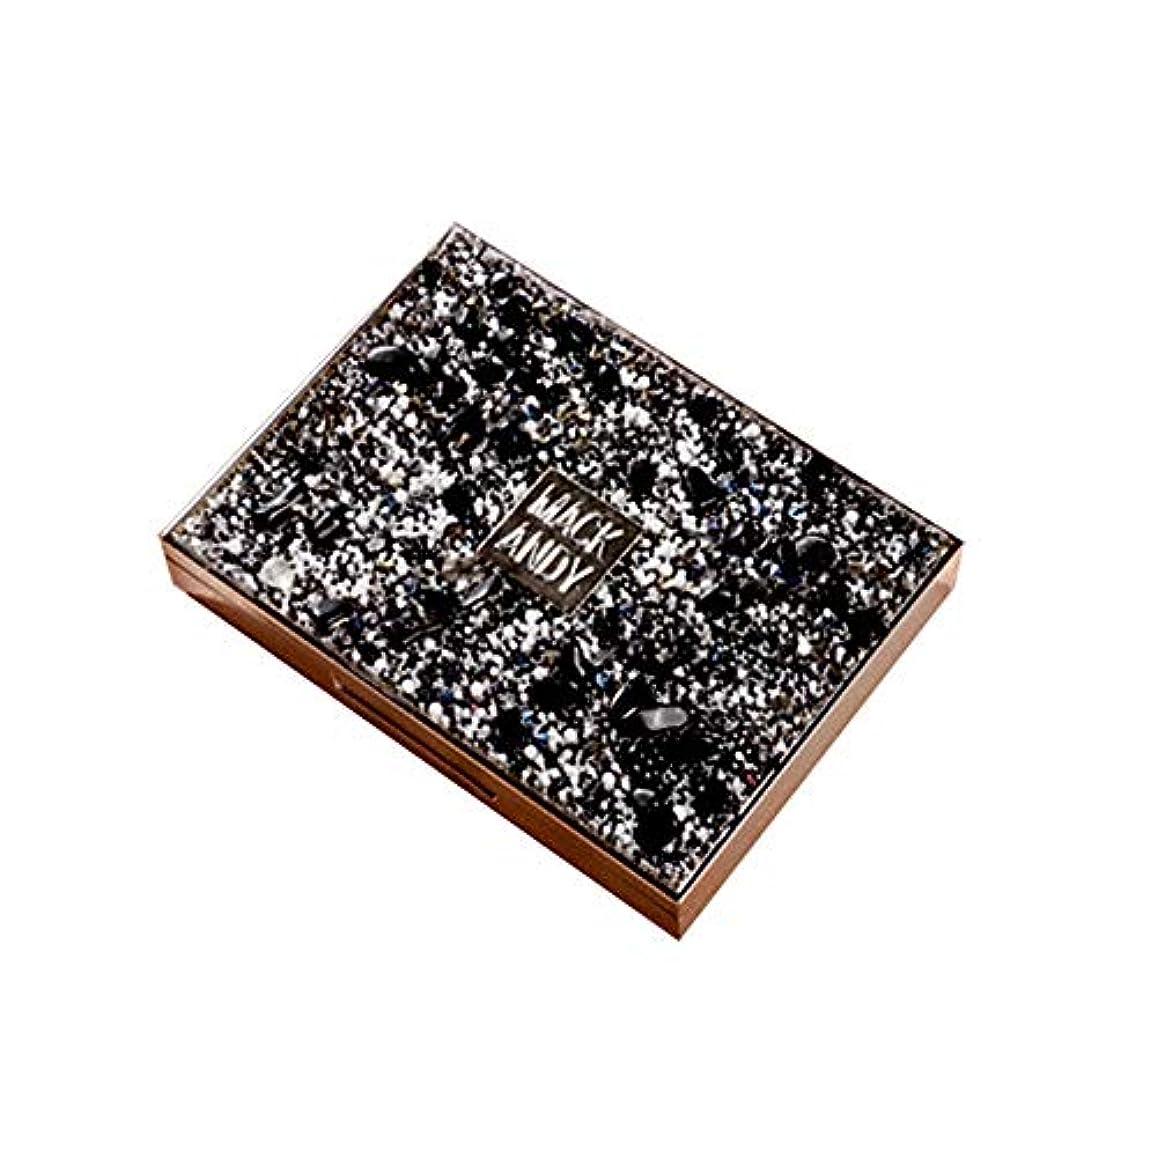 EX-YUE 8色 アイシャドウ 人気 新作 極め細かい 真珠 光沢 アイシャドウパレット ハイライト ナチュラル マット 高発色 保湿成分 長時間 防水 大人気 通勤 通学 初心者 日常化粧 (ブラック)